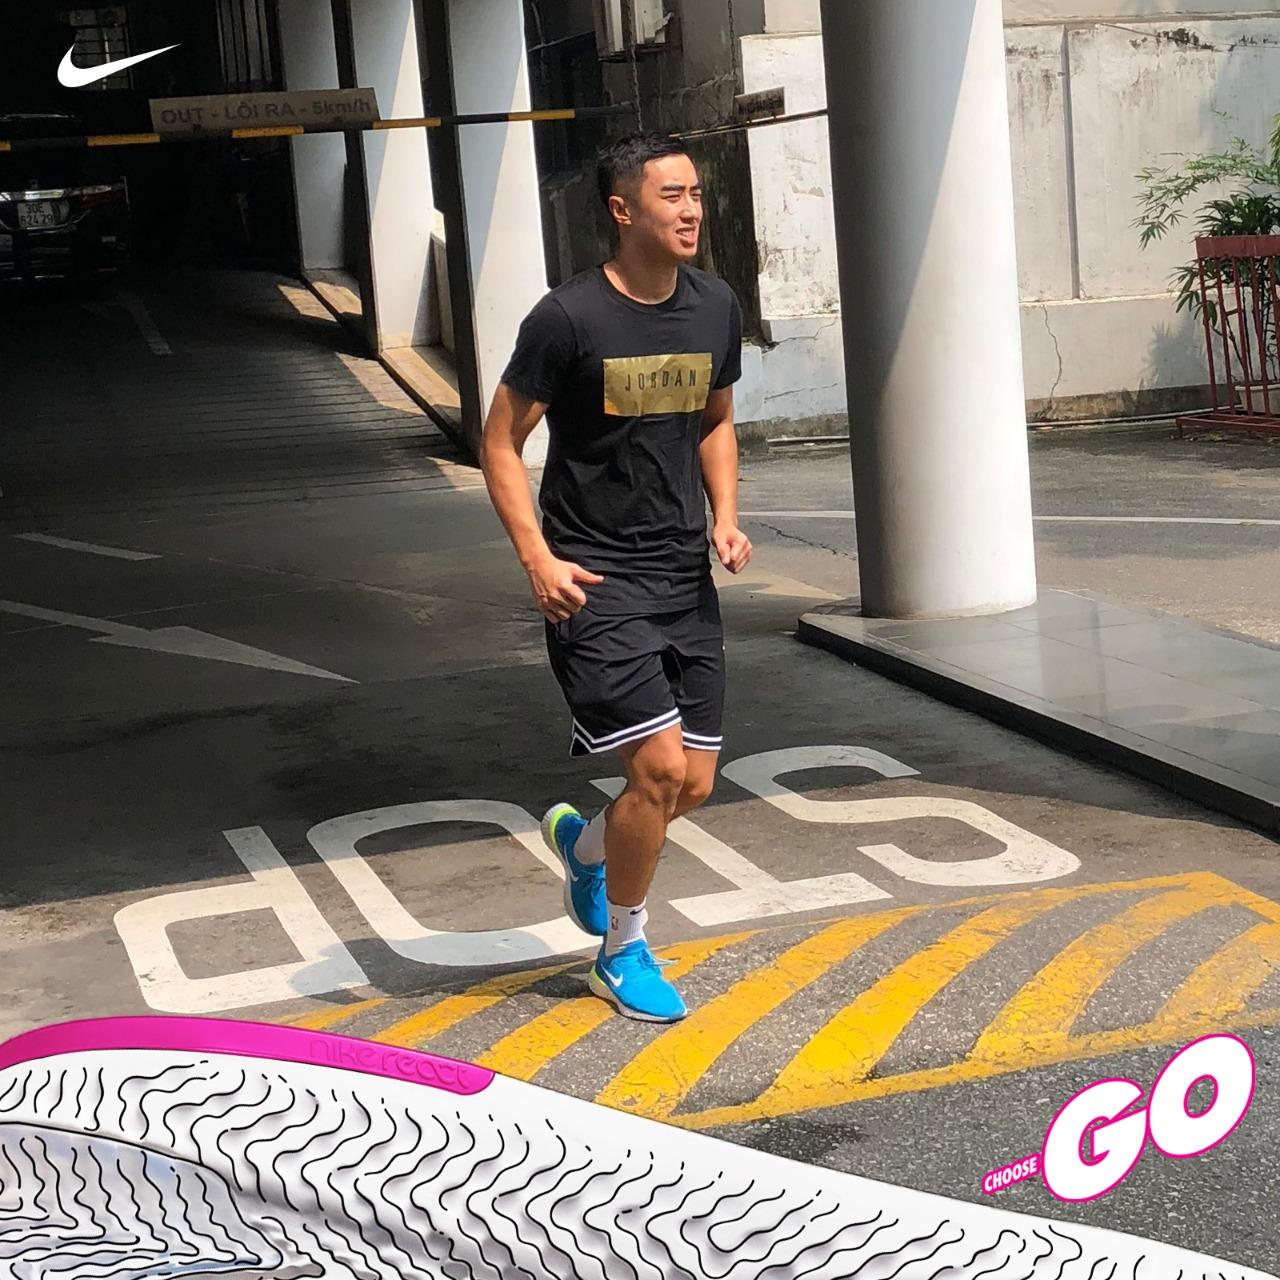 """Phillip Nguyễn tham gia """"Choose GO"""" Contest, trở thành đại sứ khơi nguồn cảm hứng cho giới trẻ - Ảnh 4."""